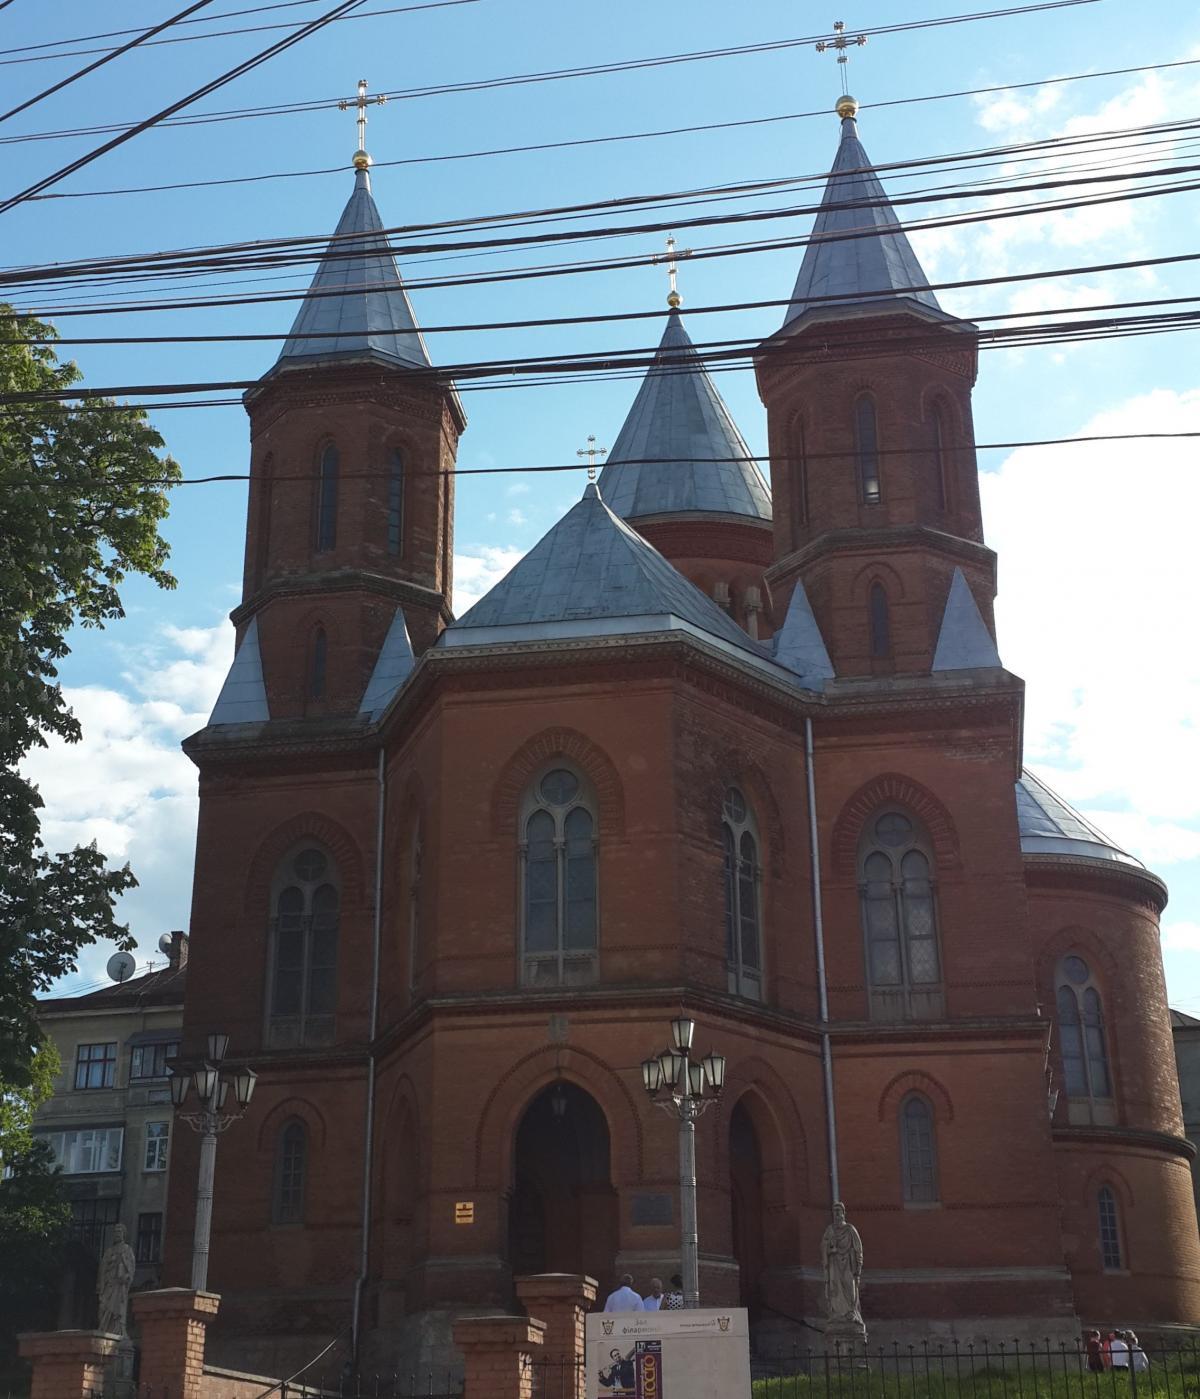 Армянская церковь в Черновцах / Фото Марина Григоренко